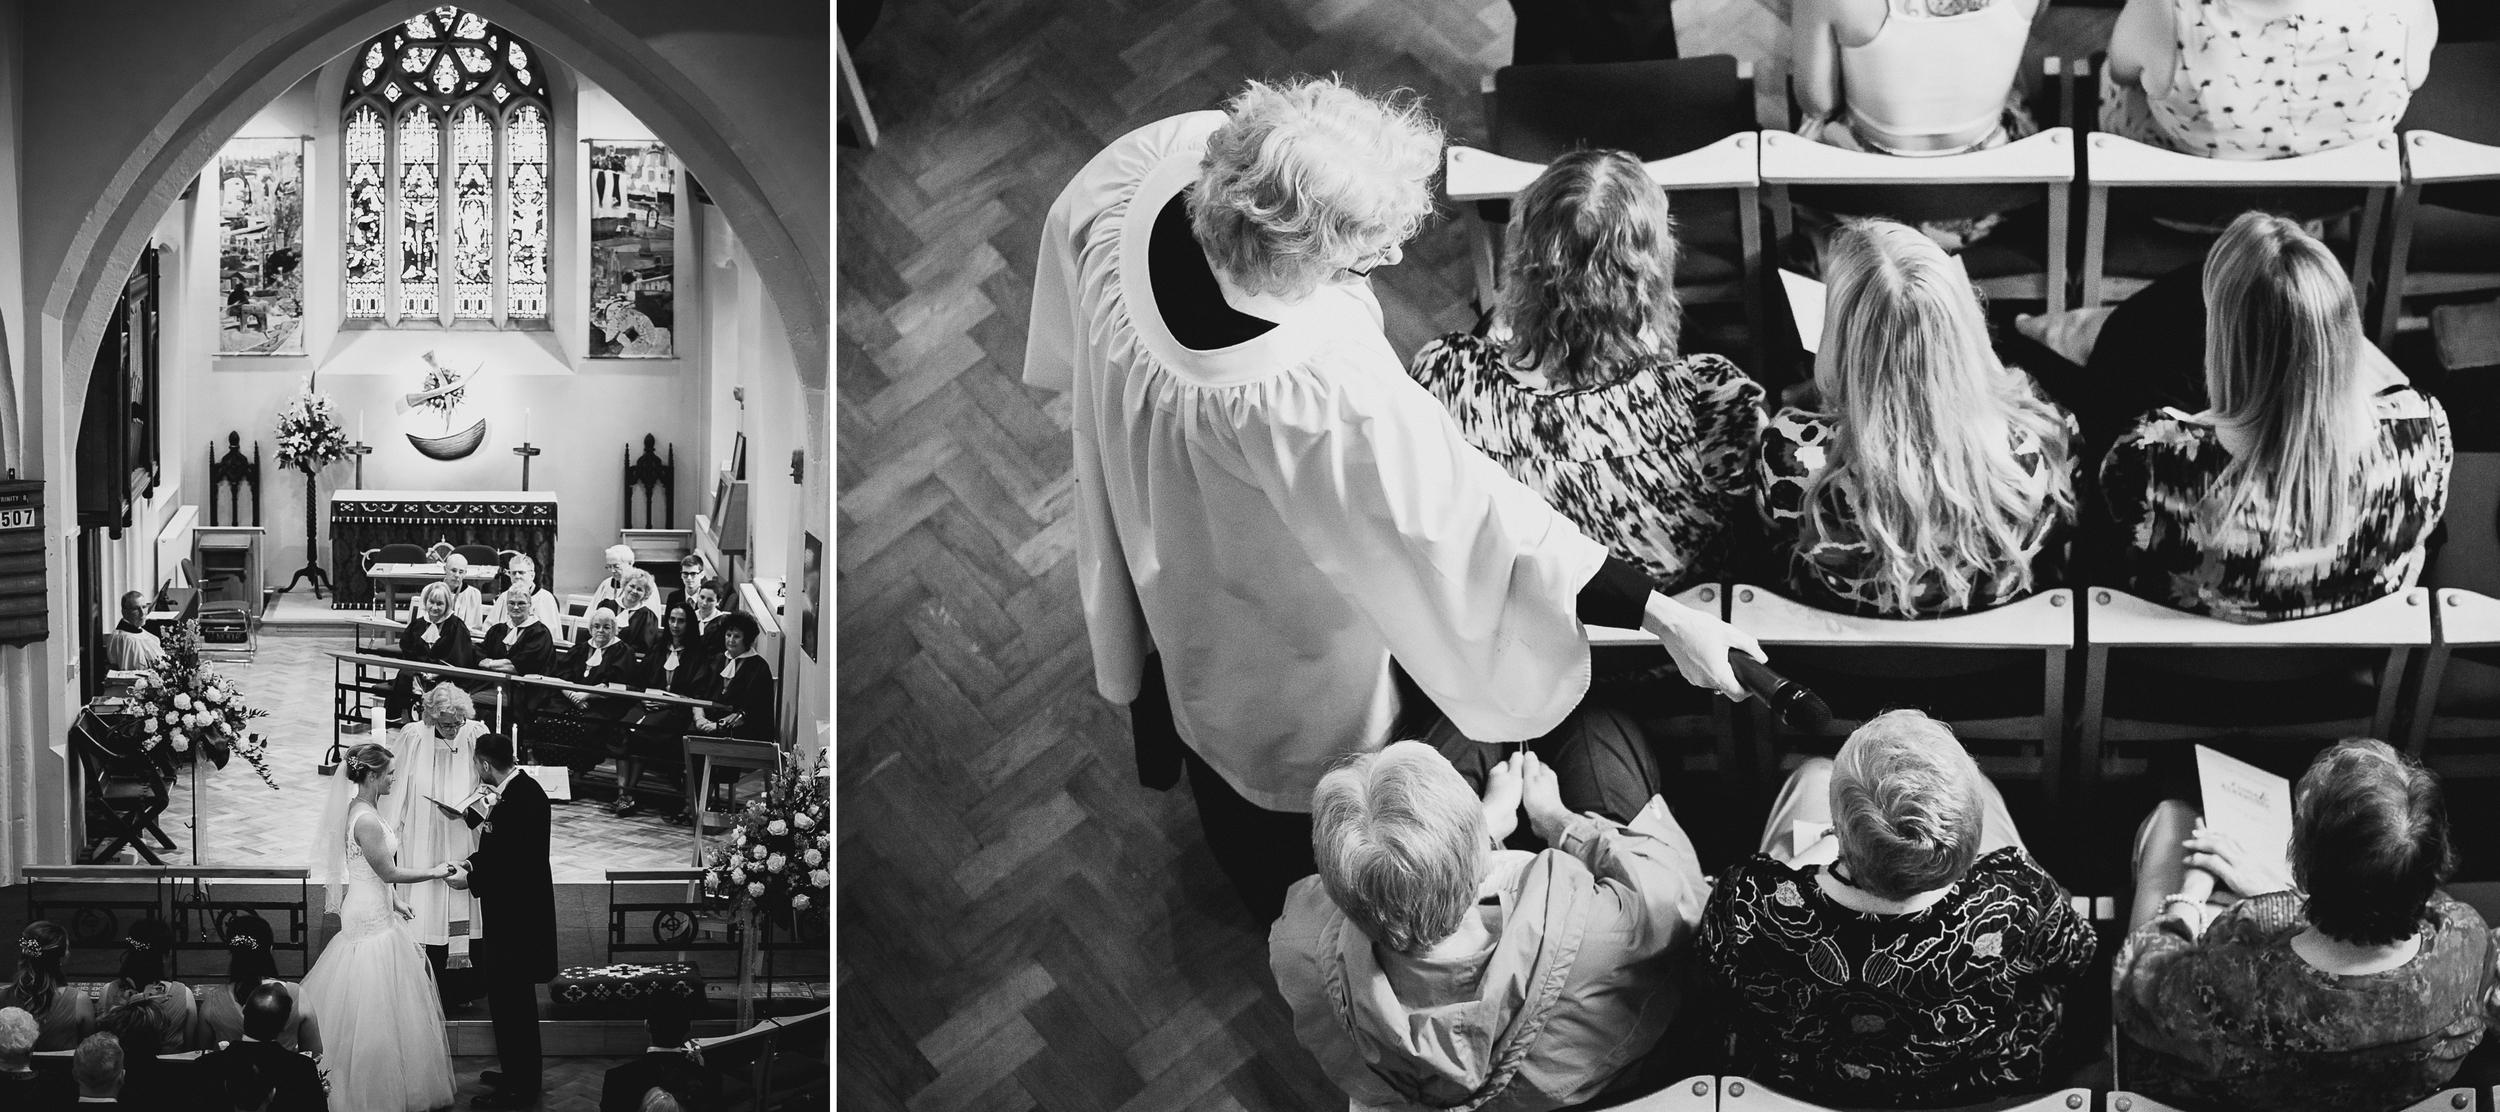 creative wedding photograph in church